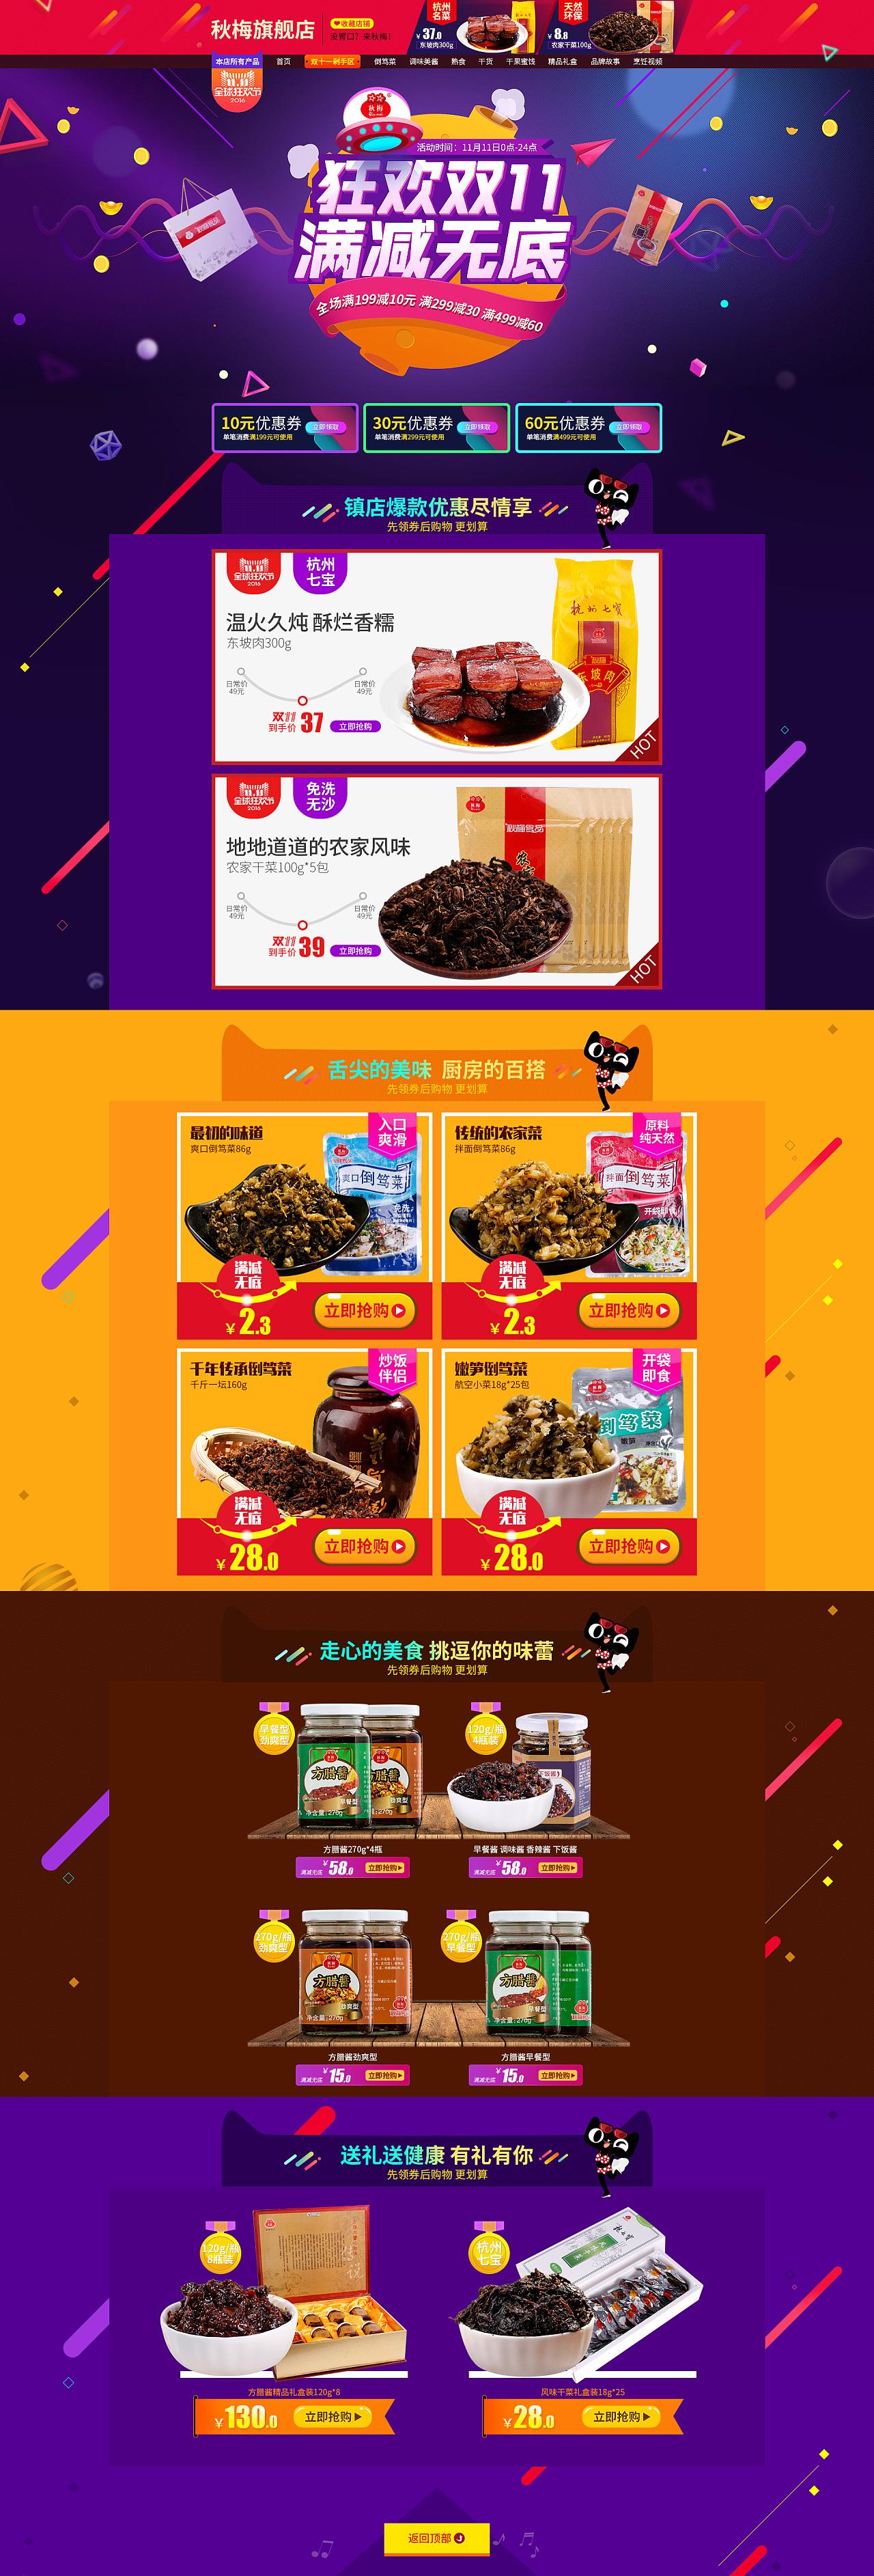 食品双十一首页|网页|电商|pingzhang - 原创作品